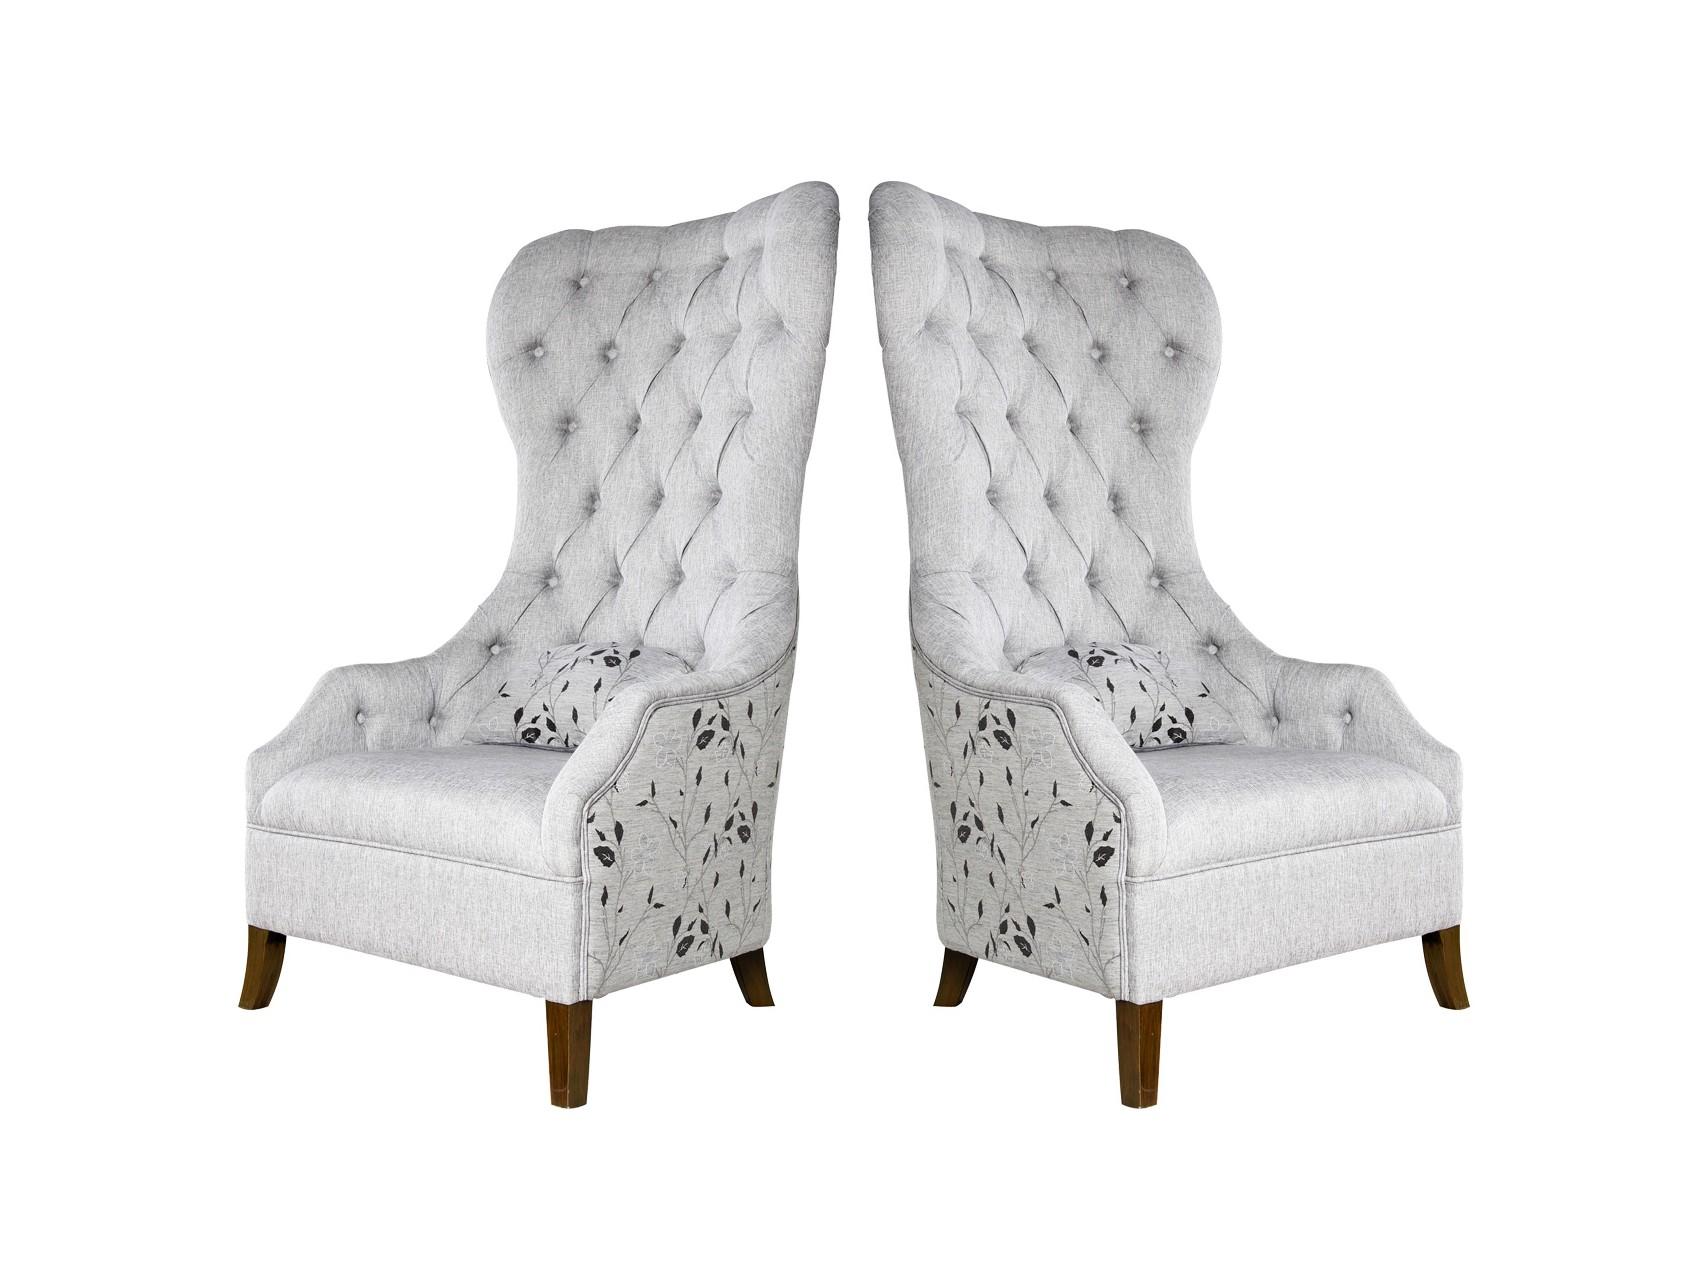 Набор кресел (2 шт)Кресла с высокой спинкой<br><br><br>Material: Текстиль<br>Ширина см: 82<br>Высота см: 148<br>Глубина см: 72